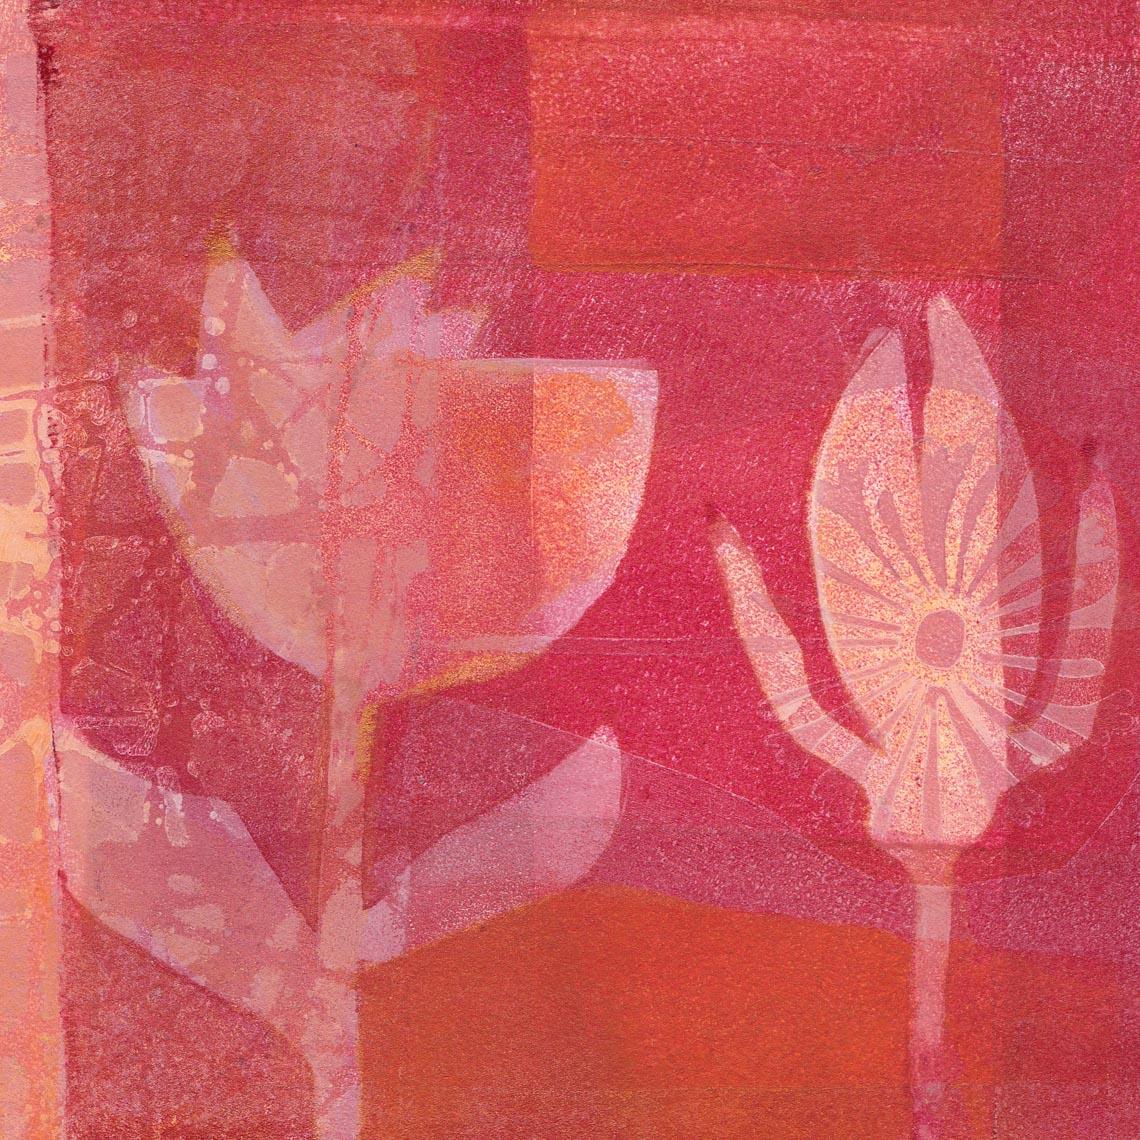 Malerei Workshop Malkurs Workshops Malkurse Braunschweig Gelatinedruck